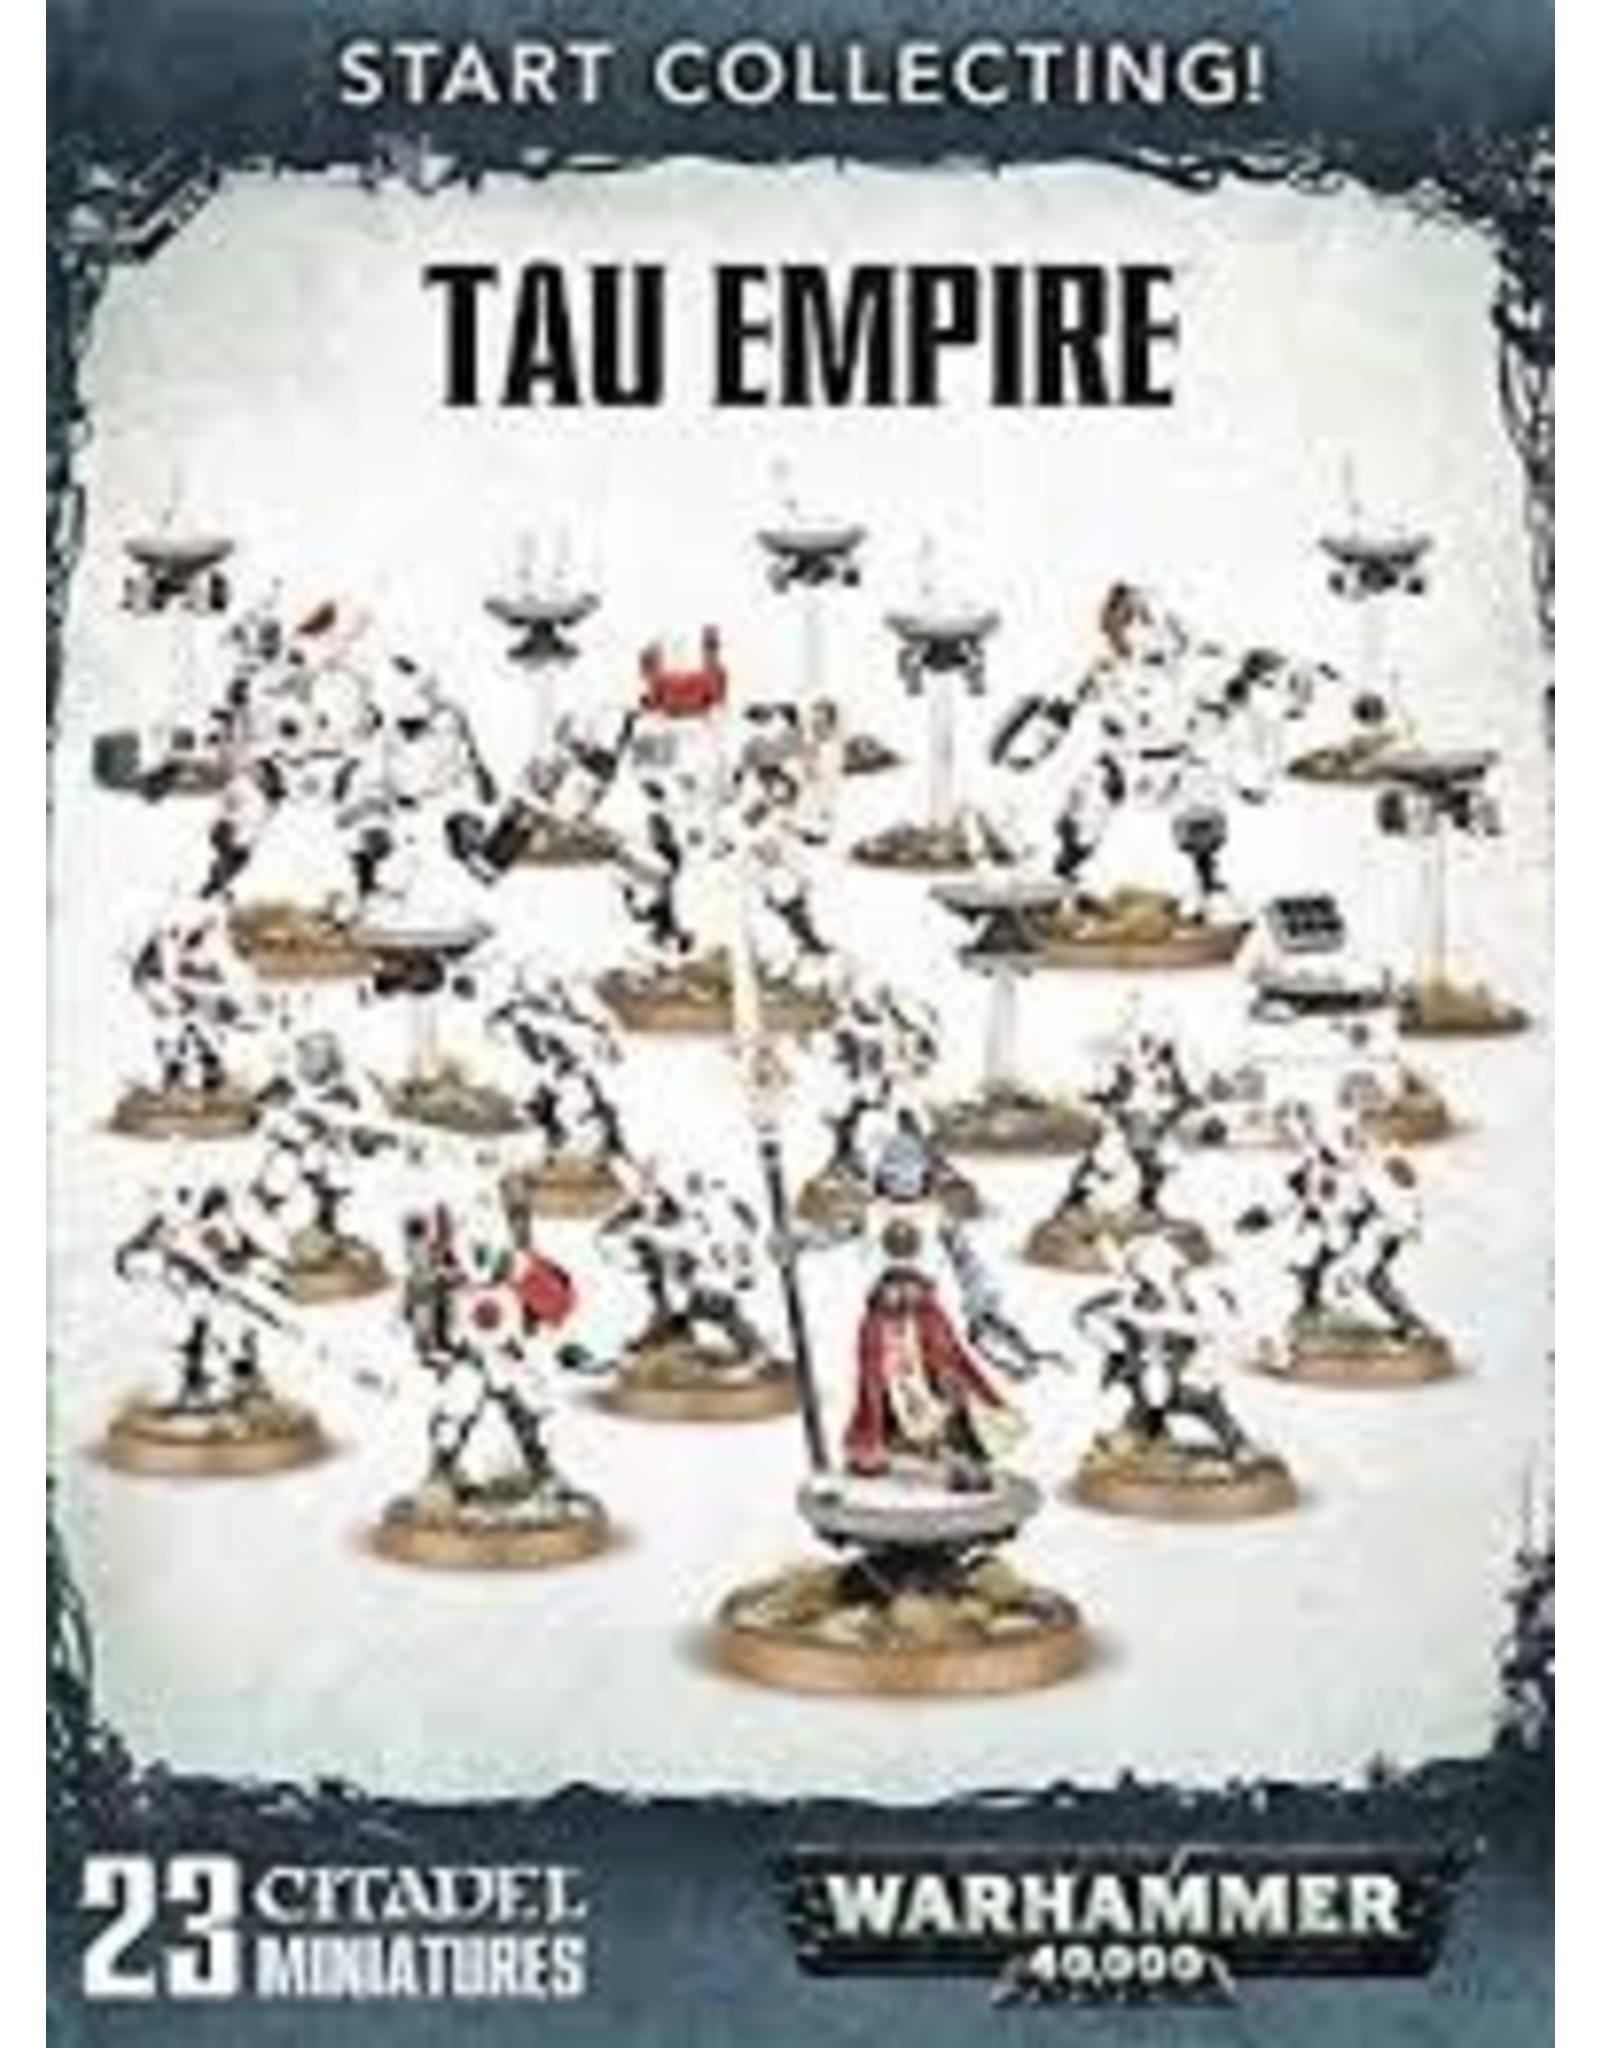 Warhammer 40K Start Collecting! Tau Empire (Craftworlds)